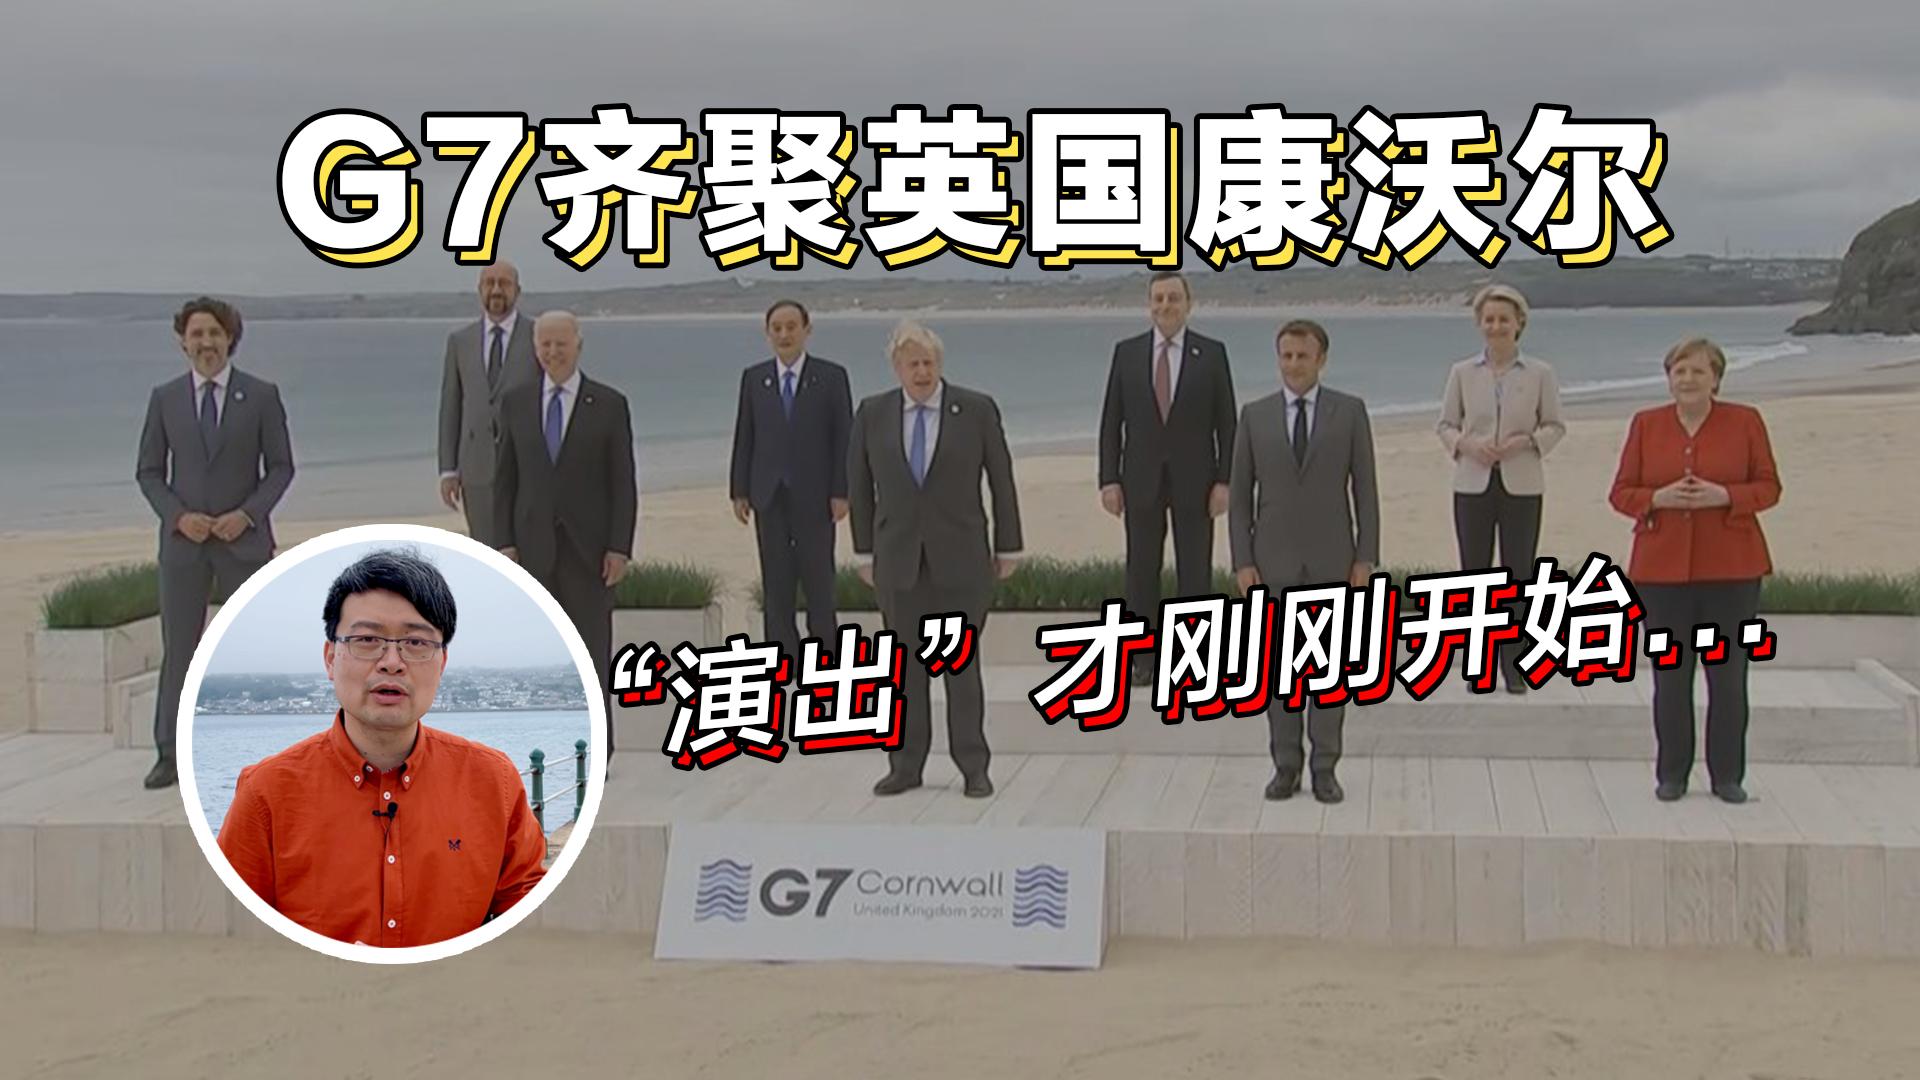 曹劼的英国Live6丨G7峰会凤凰在现场 七国内部对华态度产生分裂